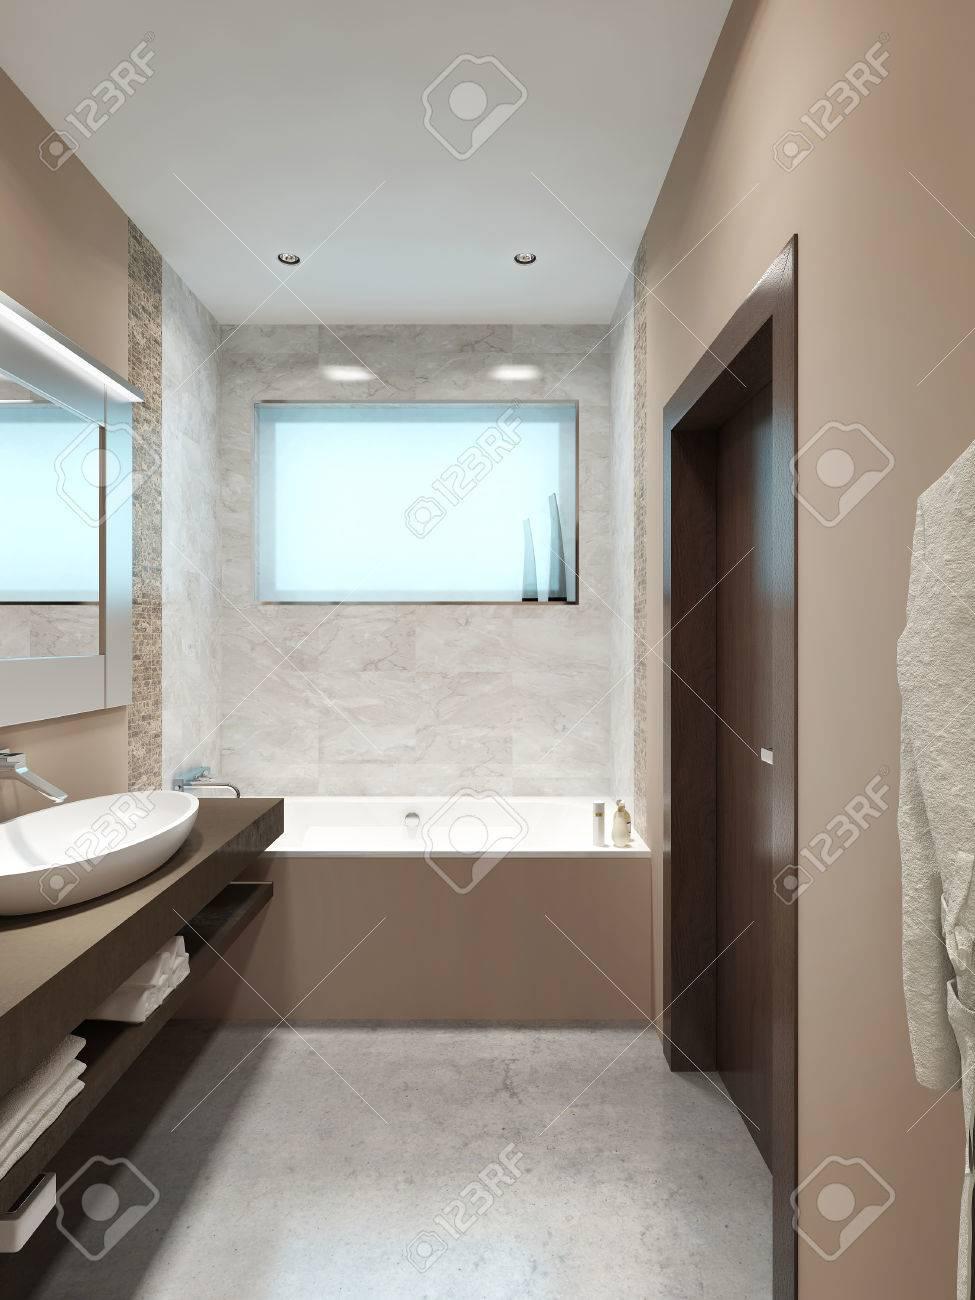 Modernos cuartos de baño de diseño con una pequeña ventana en los colores  naranja, amarillo y marrón. 3D render.